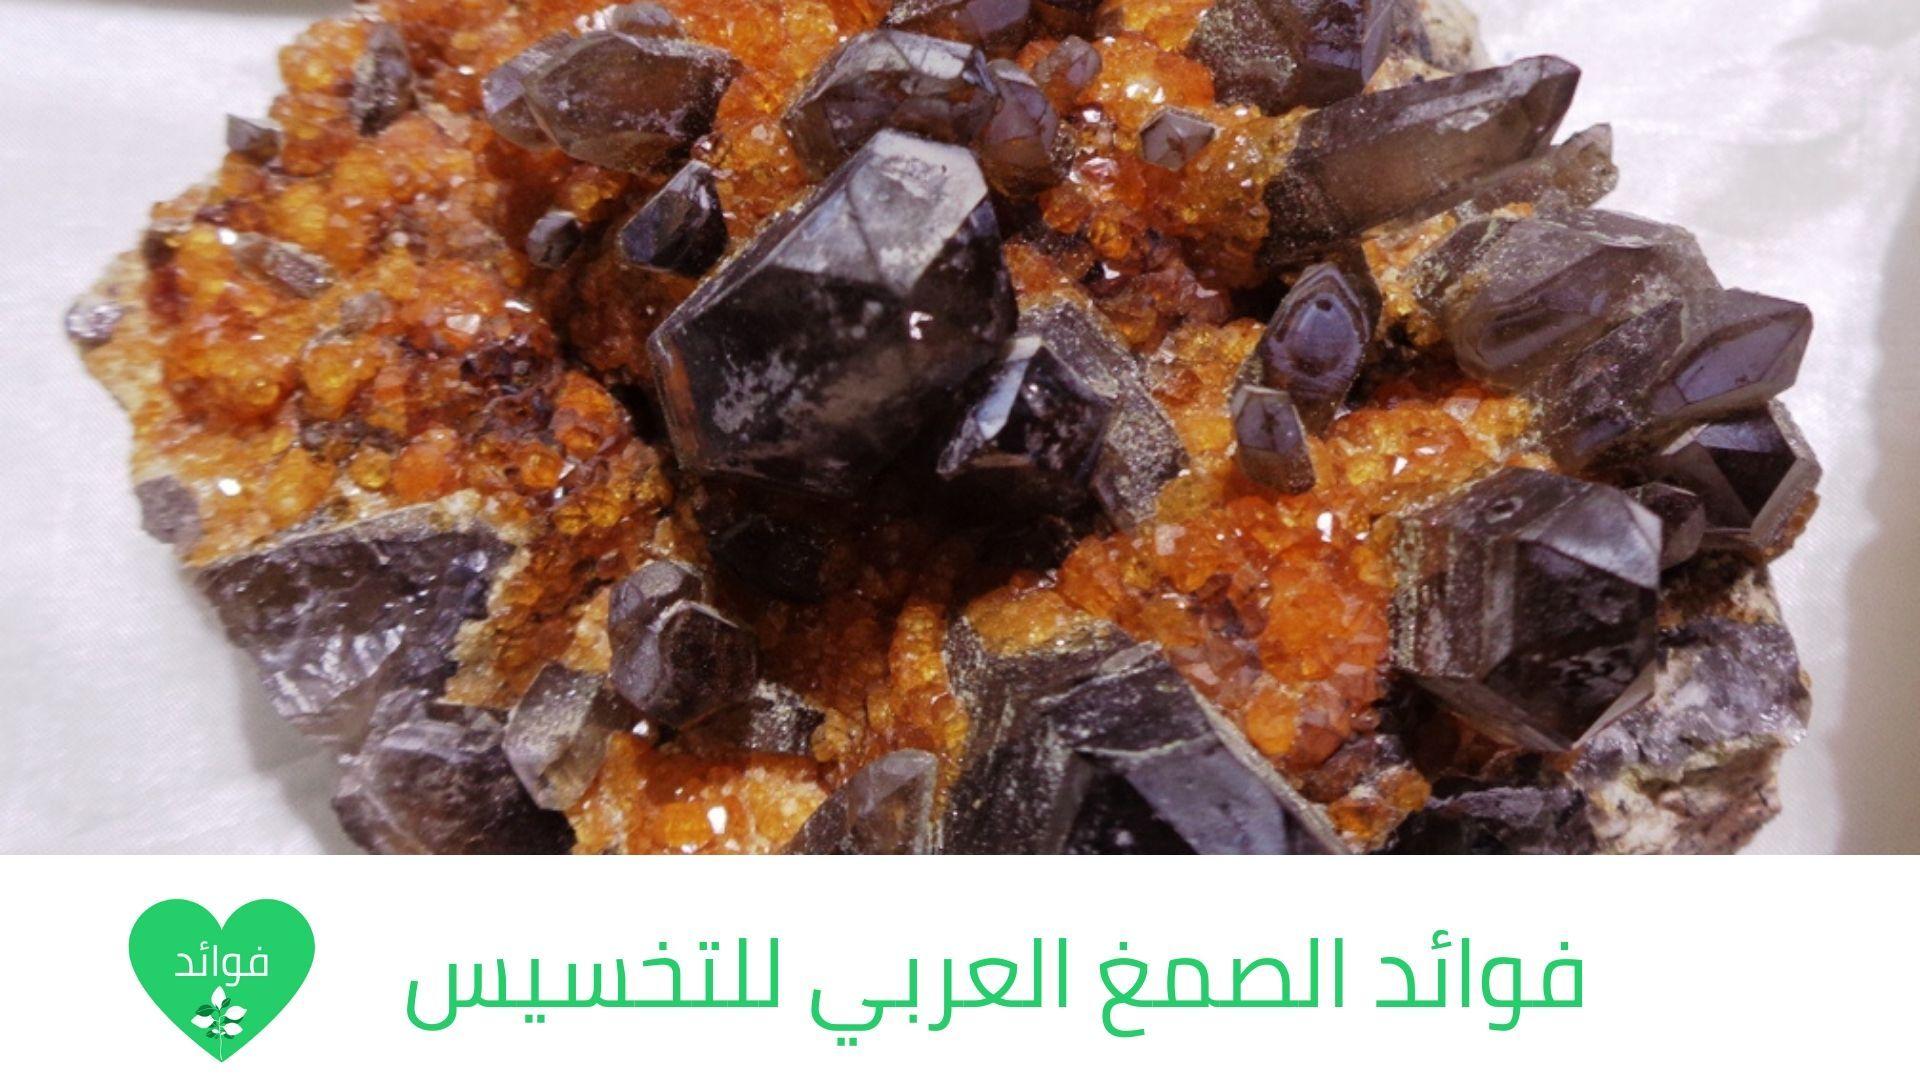 فوائد الصمغ العربي للتخسيس أفضل حارق للدهون في العصر الحديث Food Desserts Breakfast